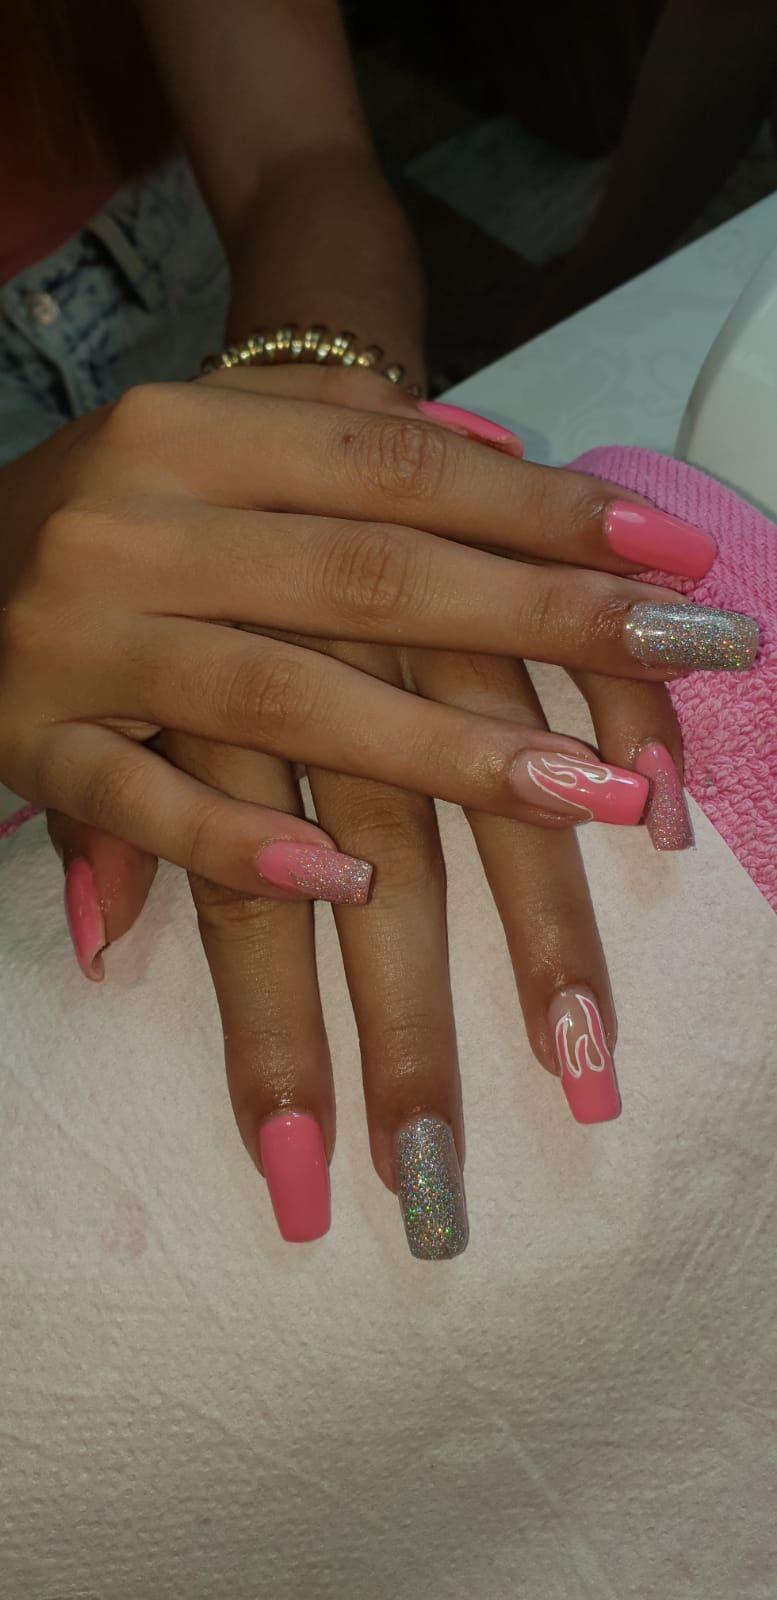 Foto 15 de Beauty salons en  | Beauty Salon Liam